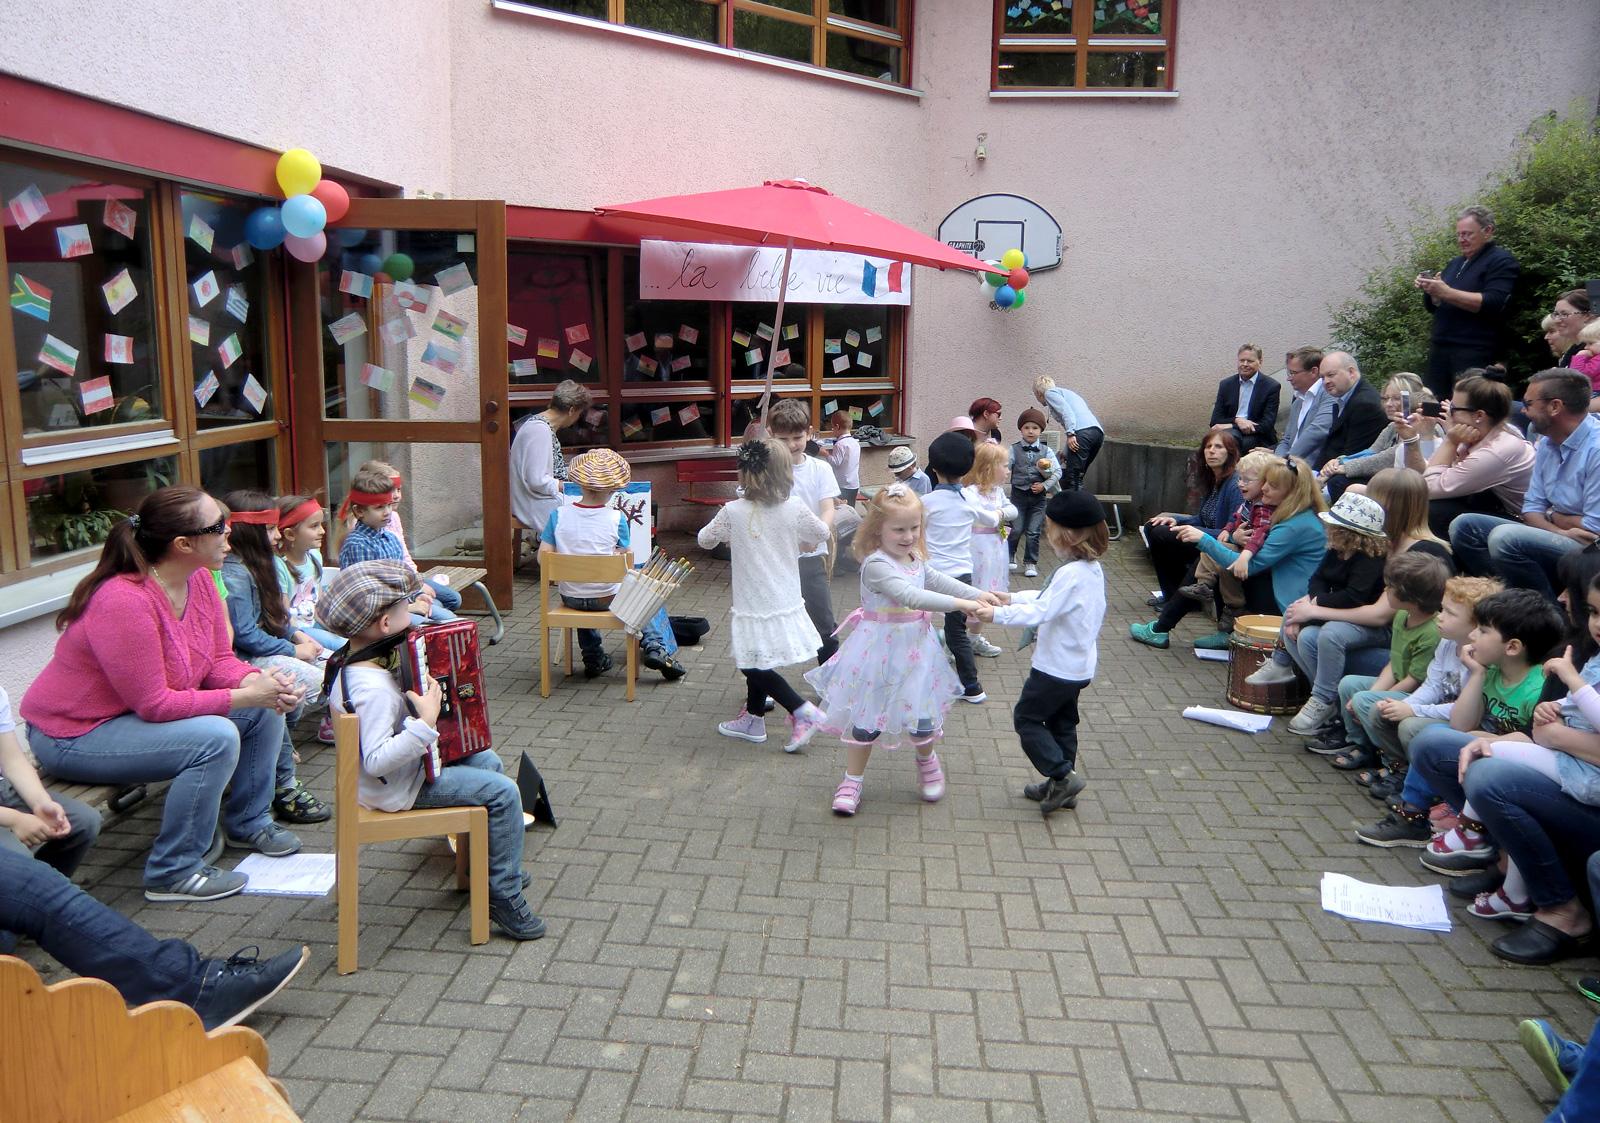 Gäste erfreuten sich beim Sommerfest der Inlusiven Kita Hersbruck an den launigen Darbietungen der Buben und Mädchen.